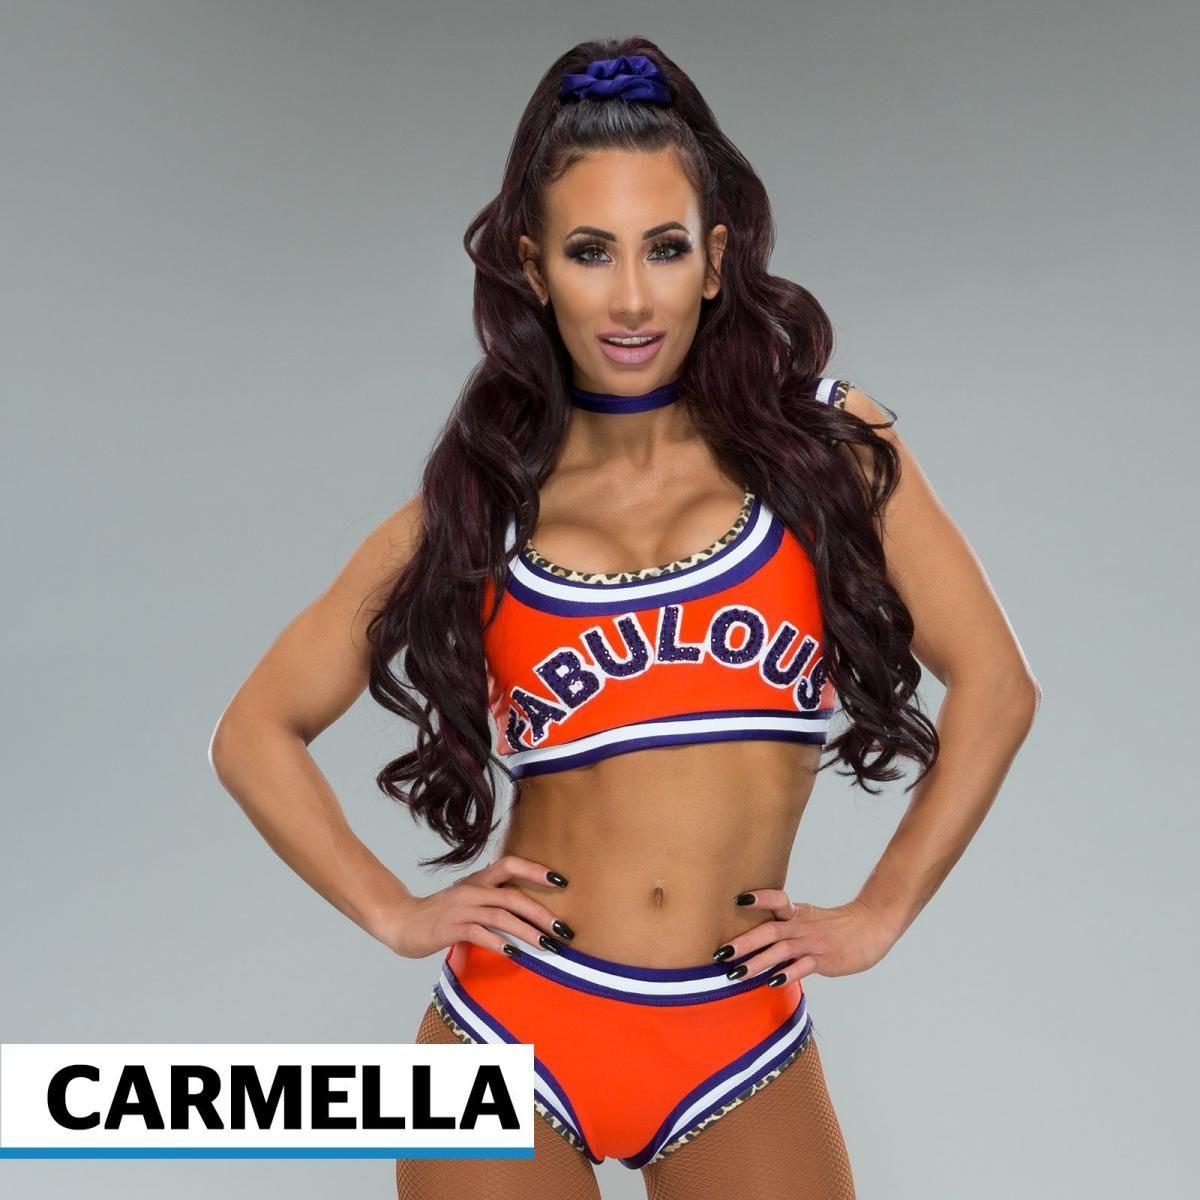 Carmella Leaked